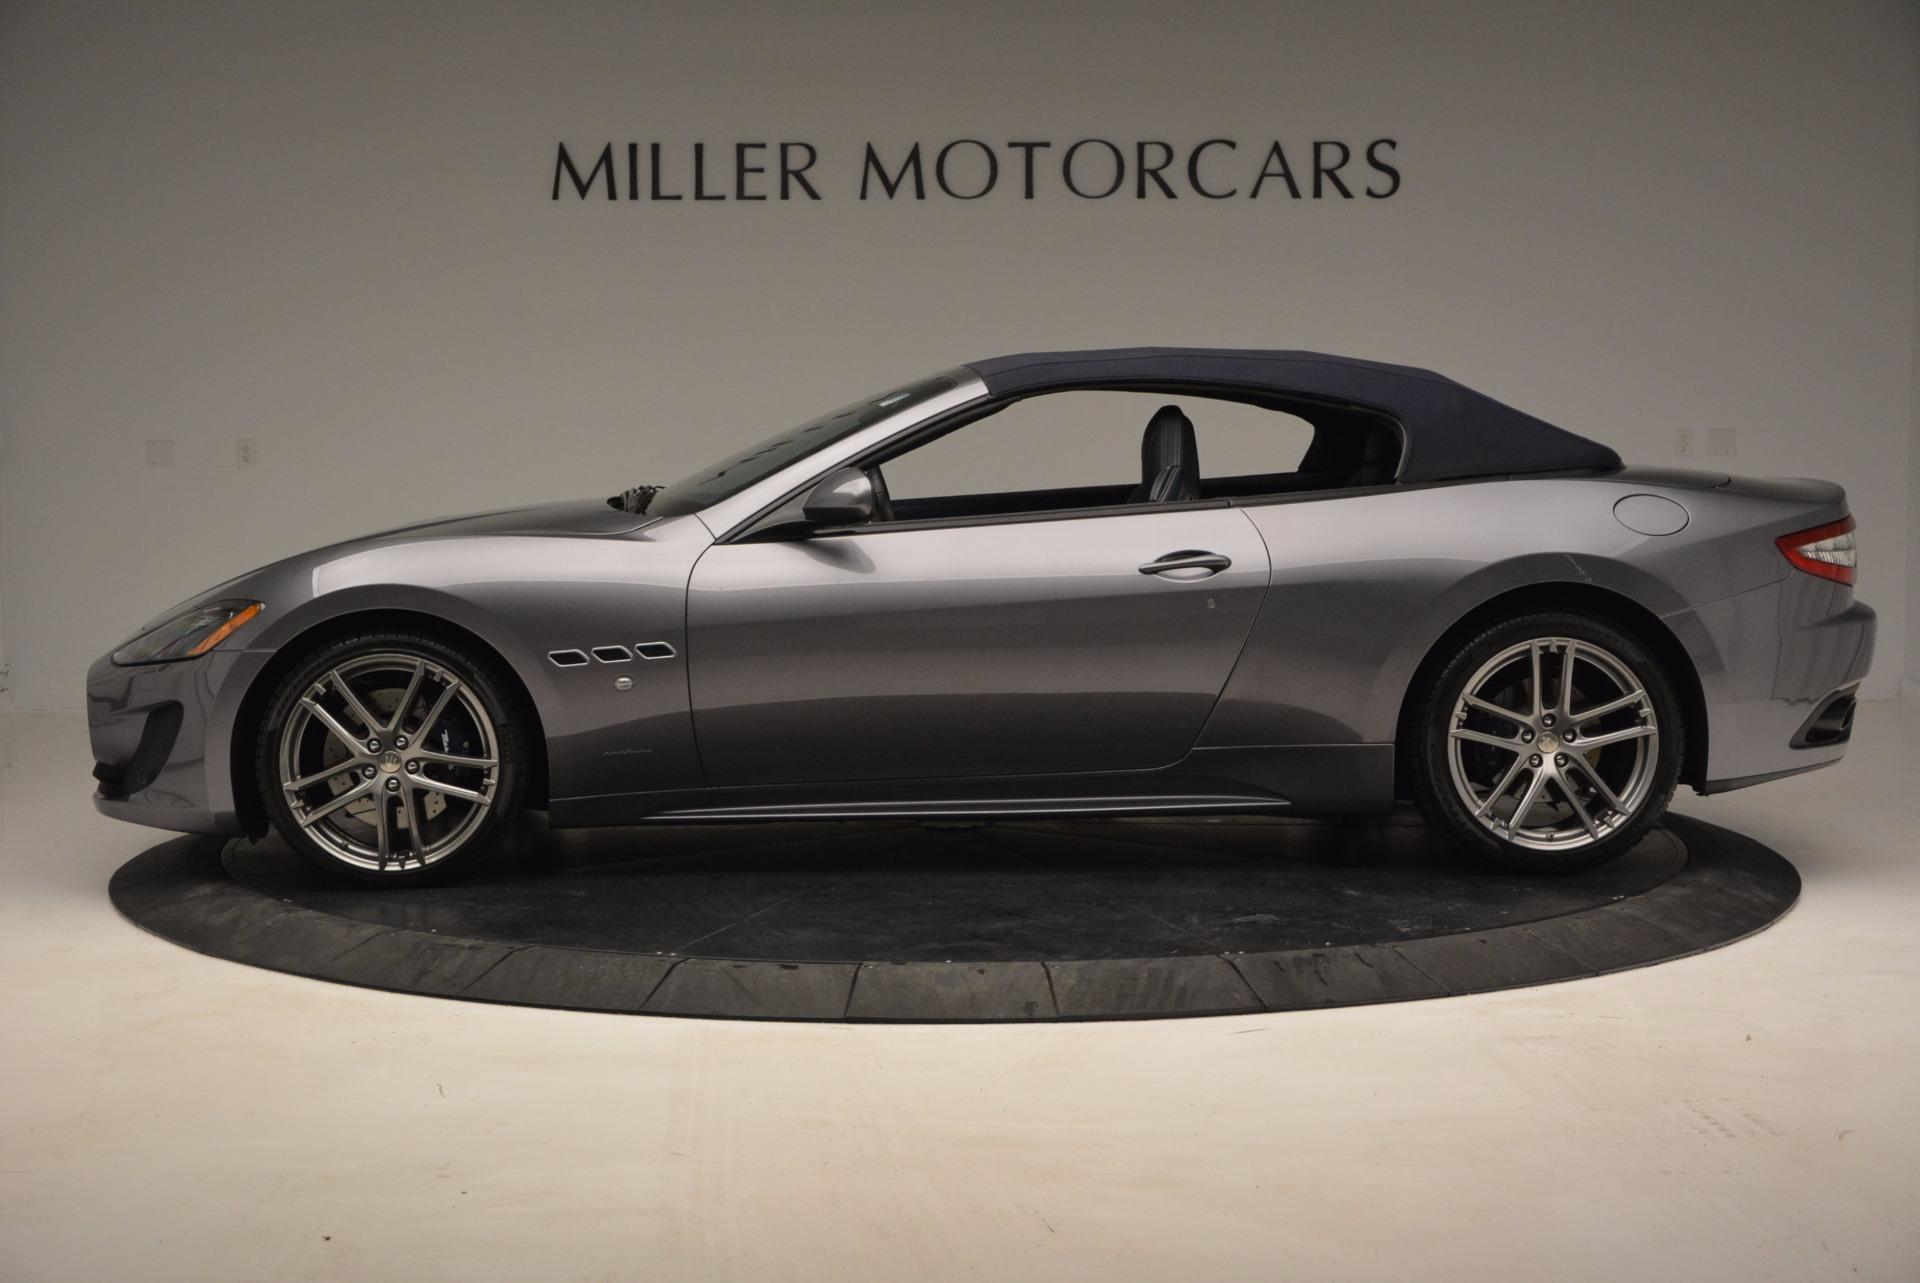 New-2016-Maserati-GranTurismo-Convertible-Sport